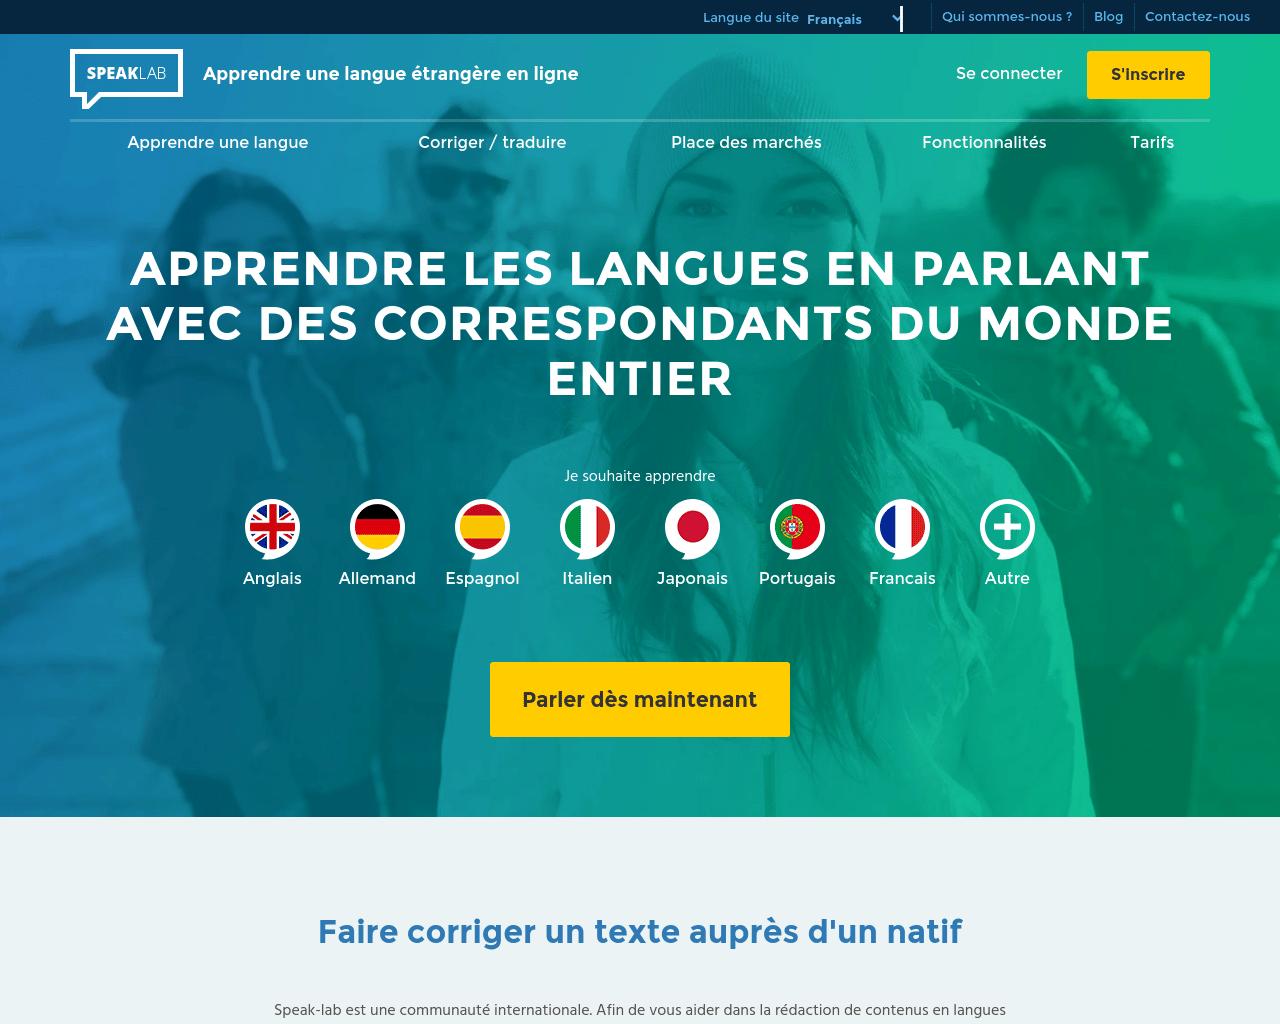 apprendre-une-langue-etrangere-sans-bouger-chez-soi.png